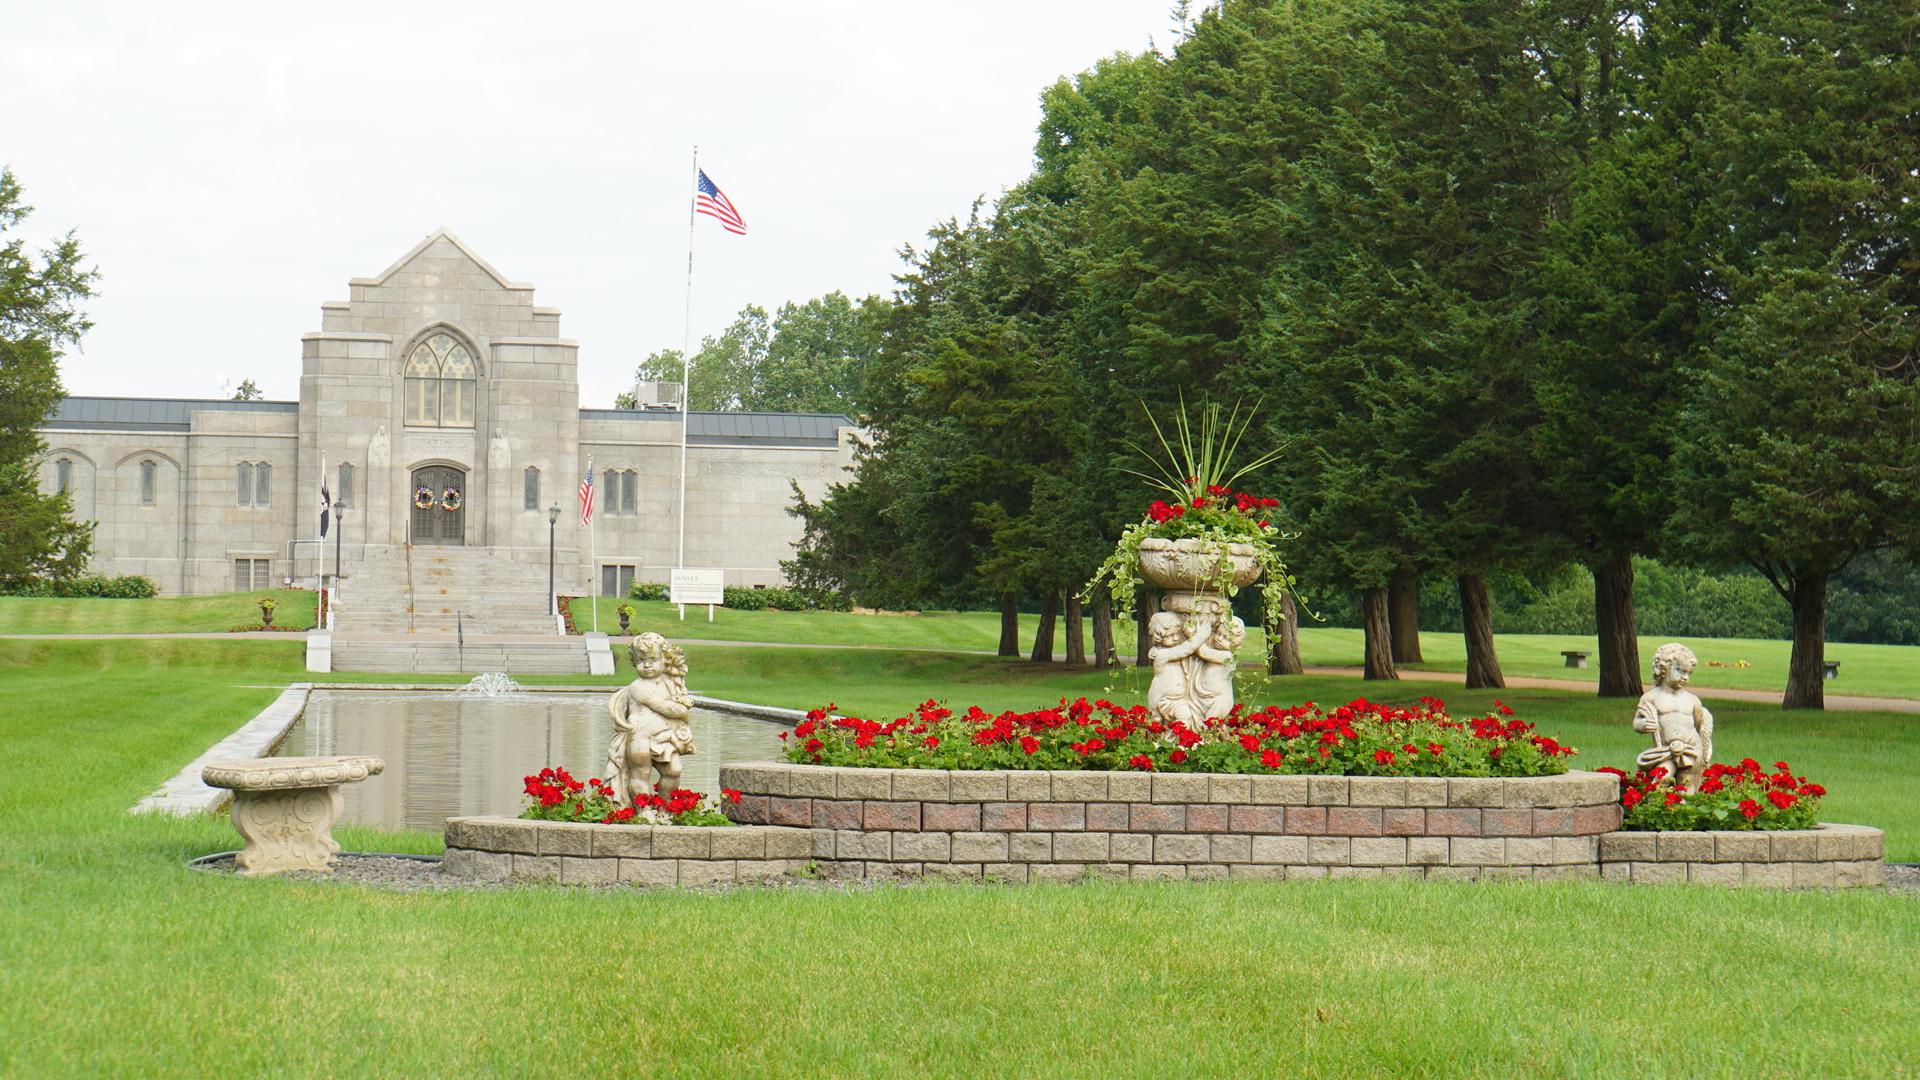 緑豊かな広大で明るい墓地公園。主派によって墓石や記銘プレートなどの違いがある(ミネソタ州)